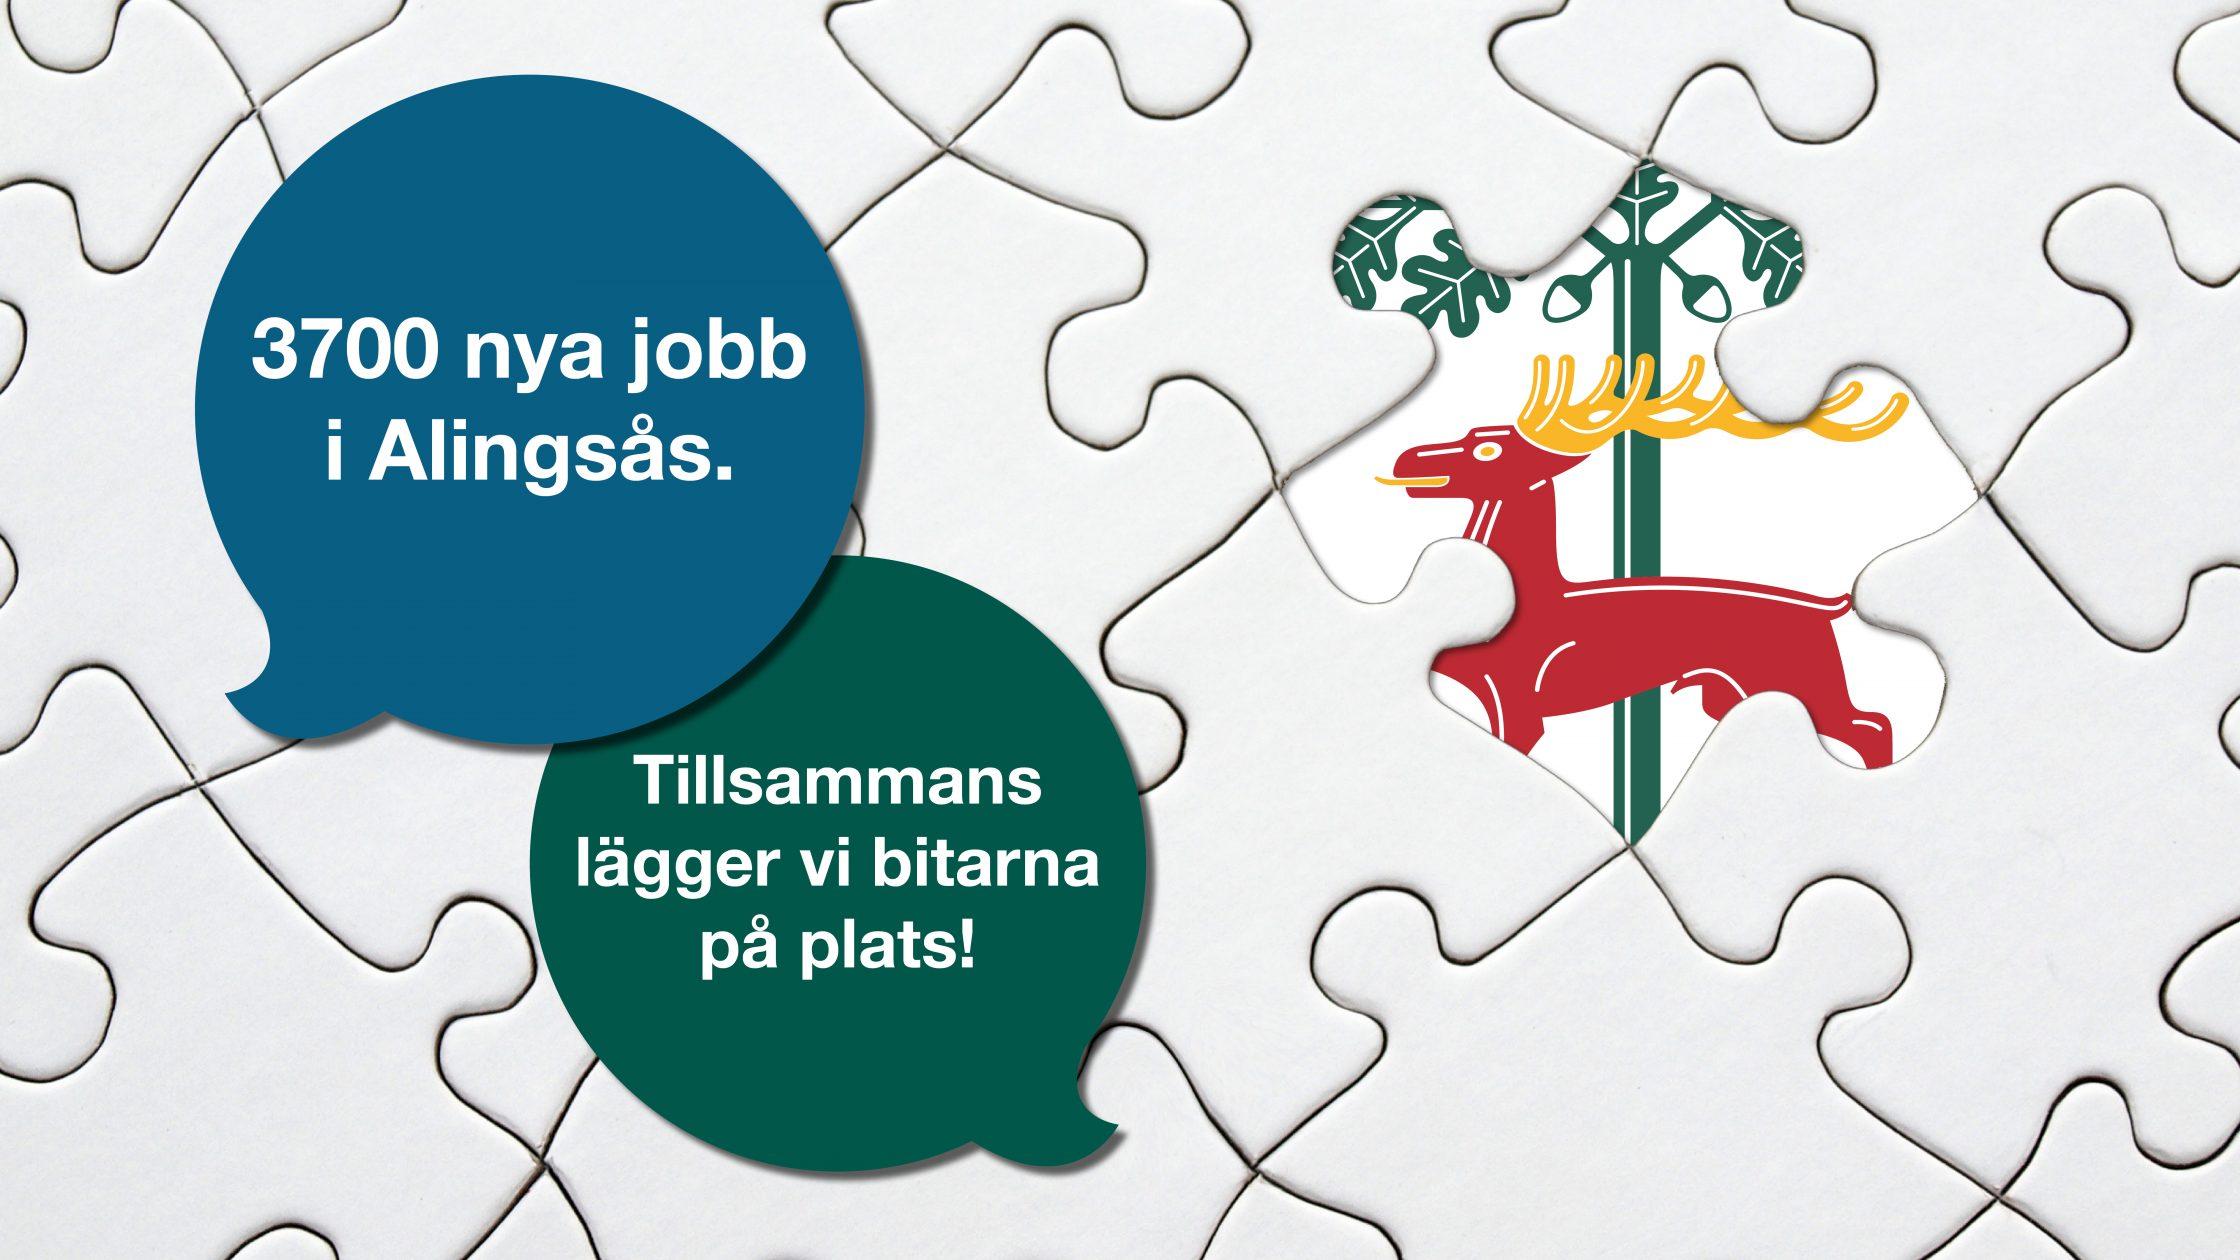 """Symbolisk bild med pusselrutor och pratbubblor som säger """"3700 nya jobb i Alingsås"""" och """"Tillsammans lägger vi bitarna på plats""""."""